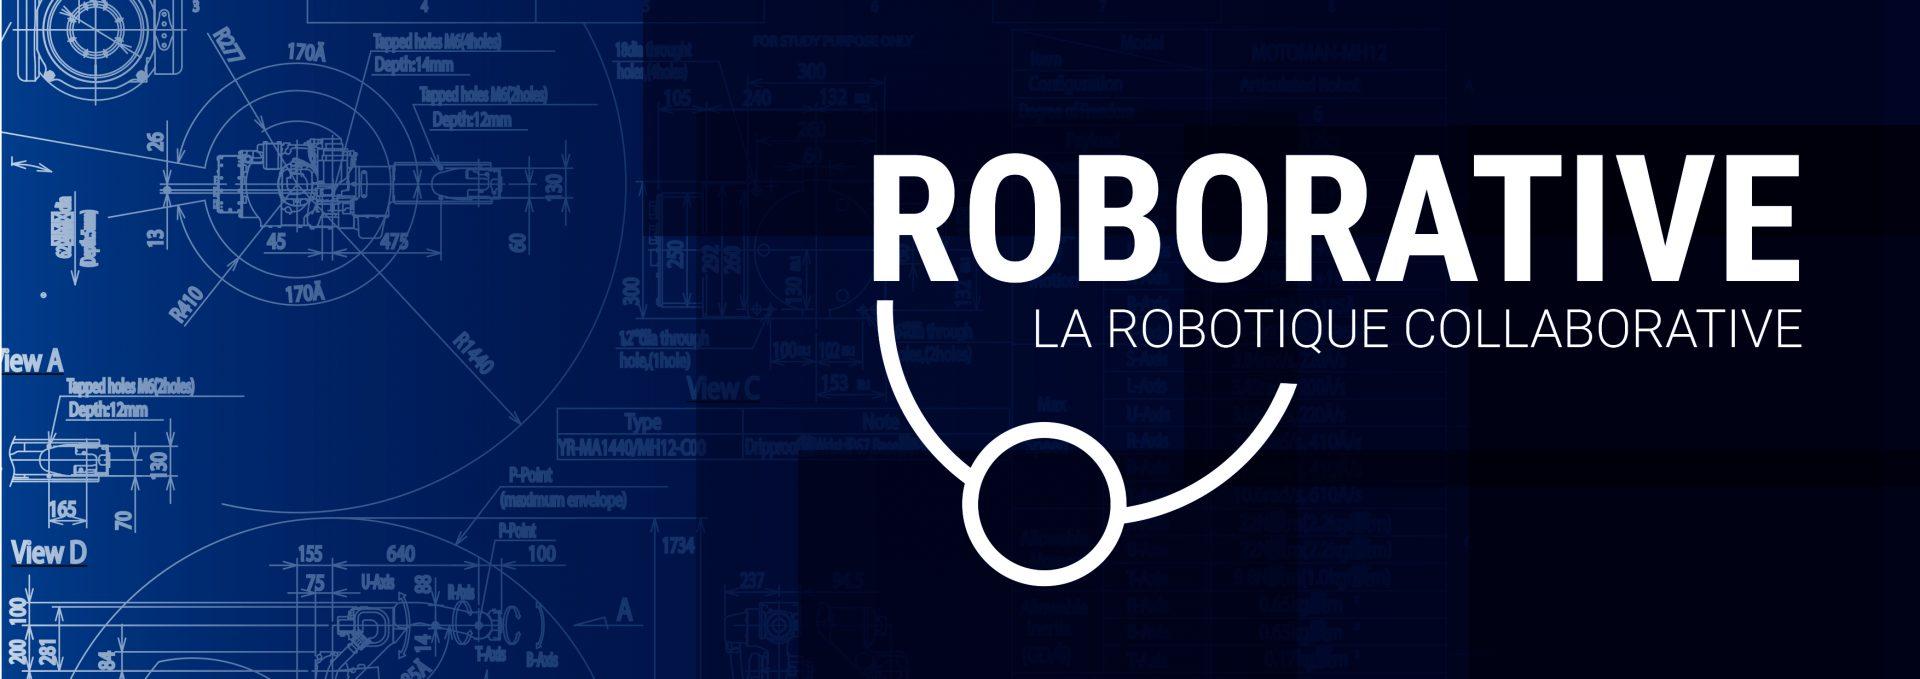 Roborative - La Robotique collaborative